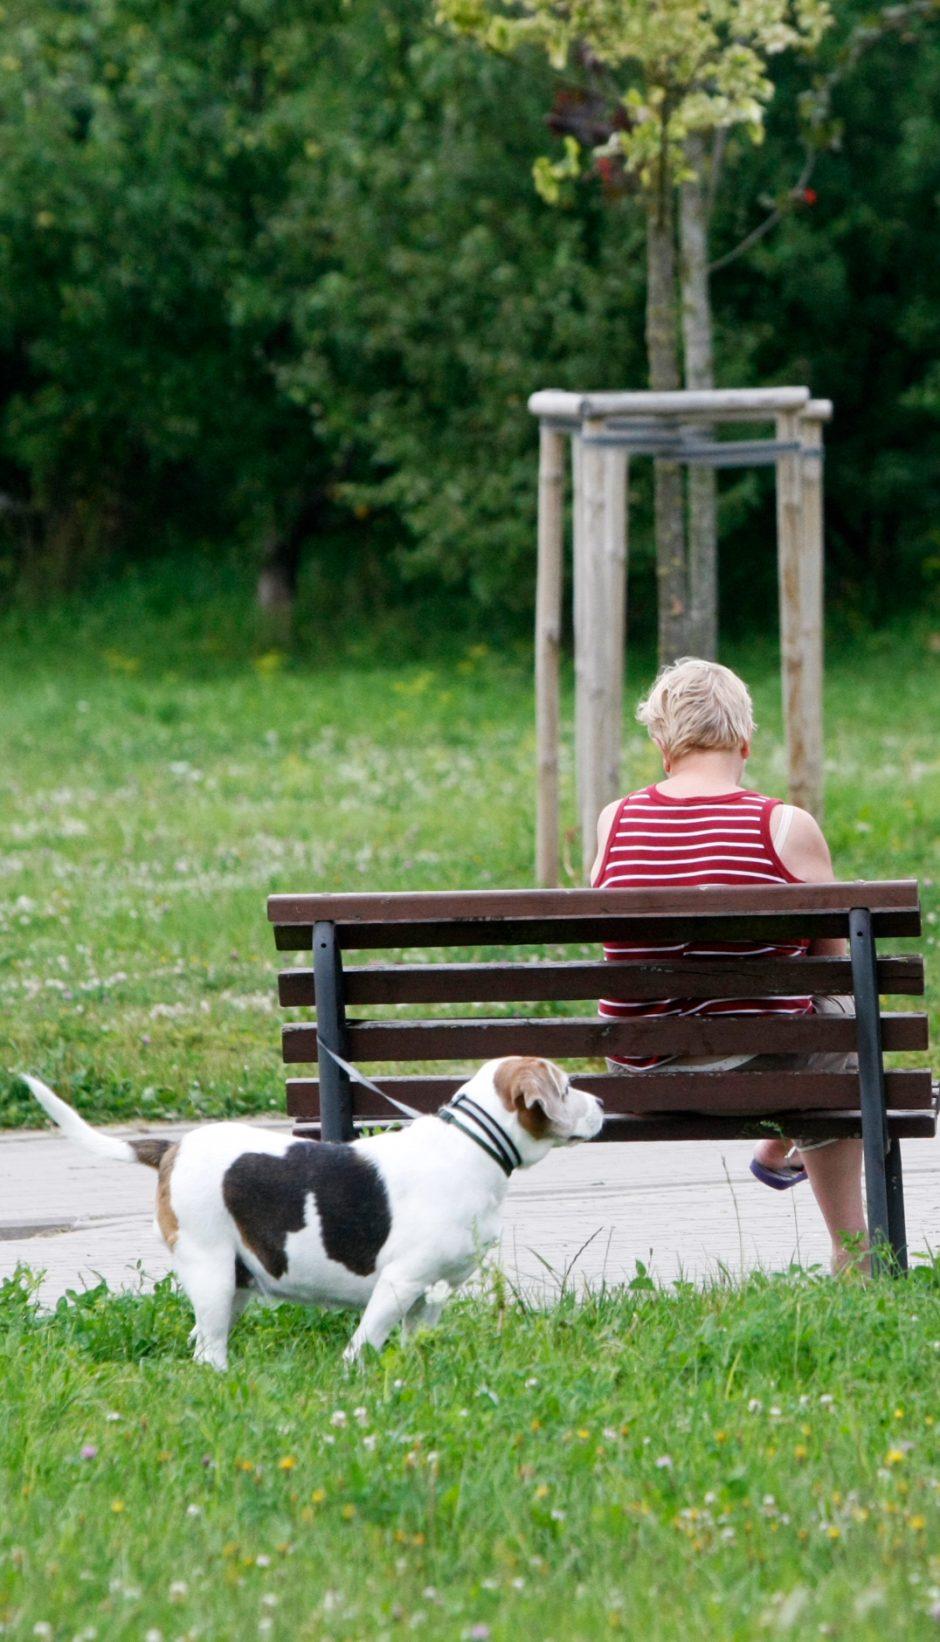 Sąjūdžio parkas – vieta košmarams